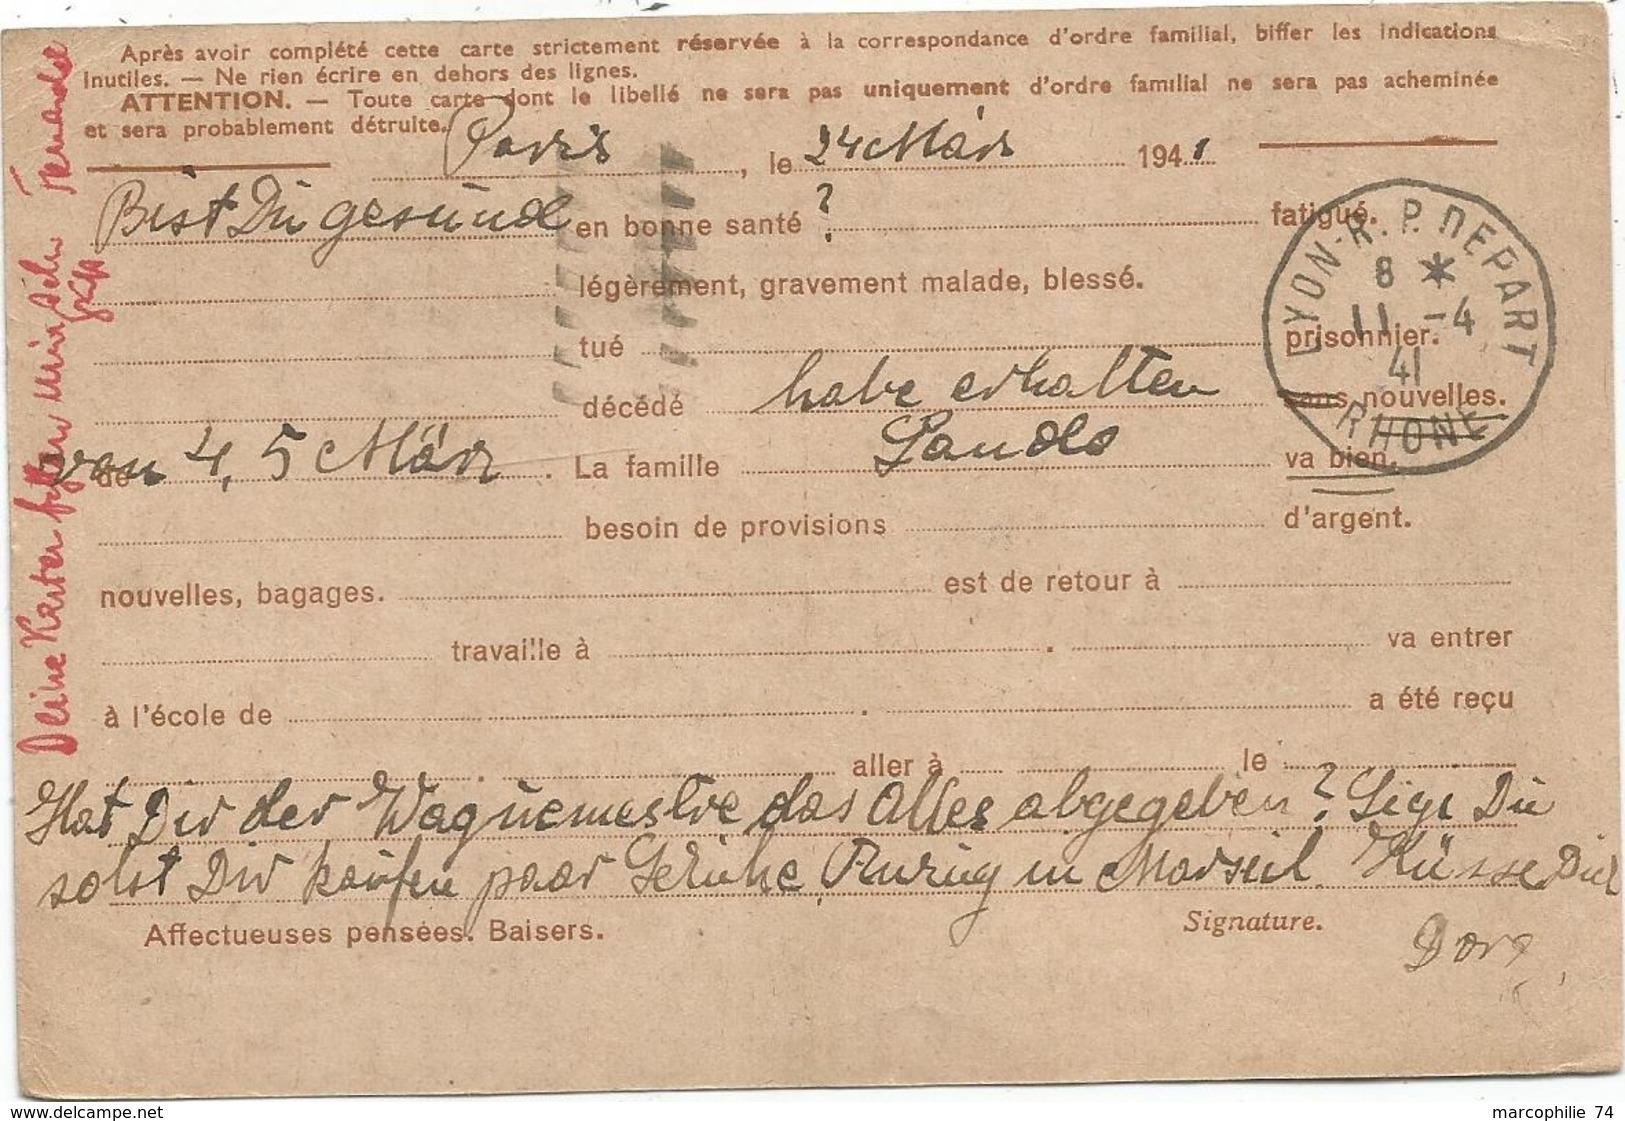 ENTIER 90C IRIS CP PARIS 1941 POUR LE MAROC REEXPEDIEE A LYON TAXE 30C POSTE RESTANTE - Cartes Postales Types Et TSC (avant 1995)